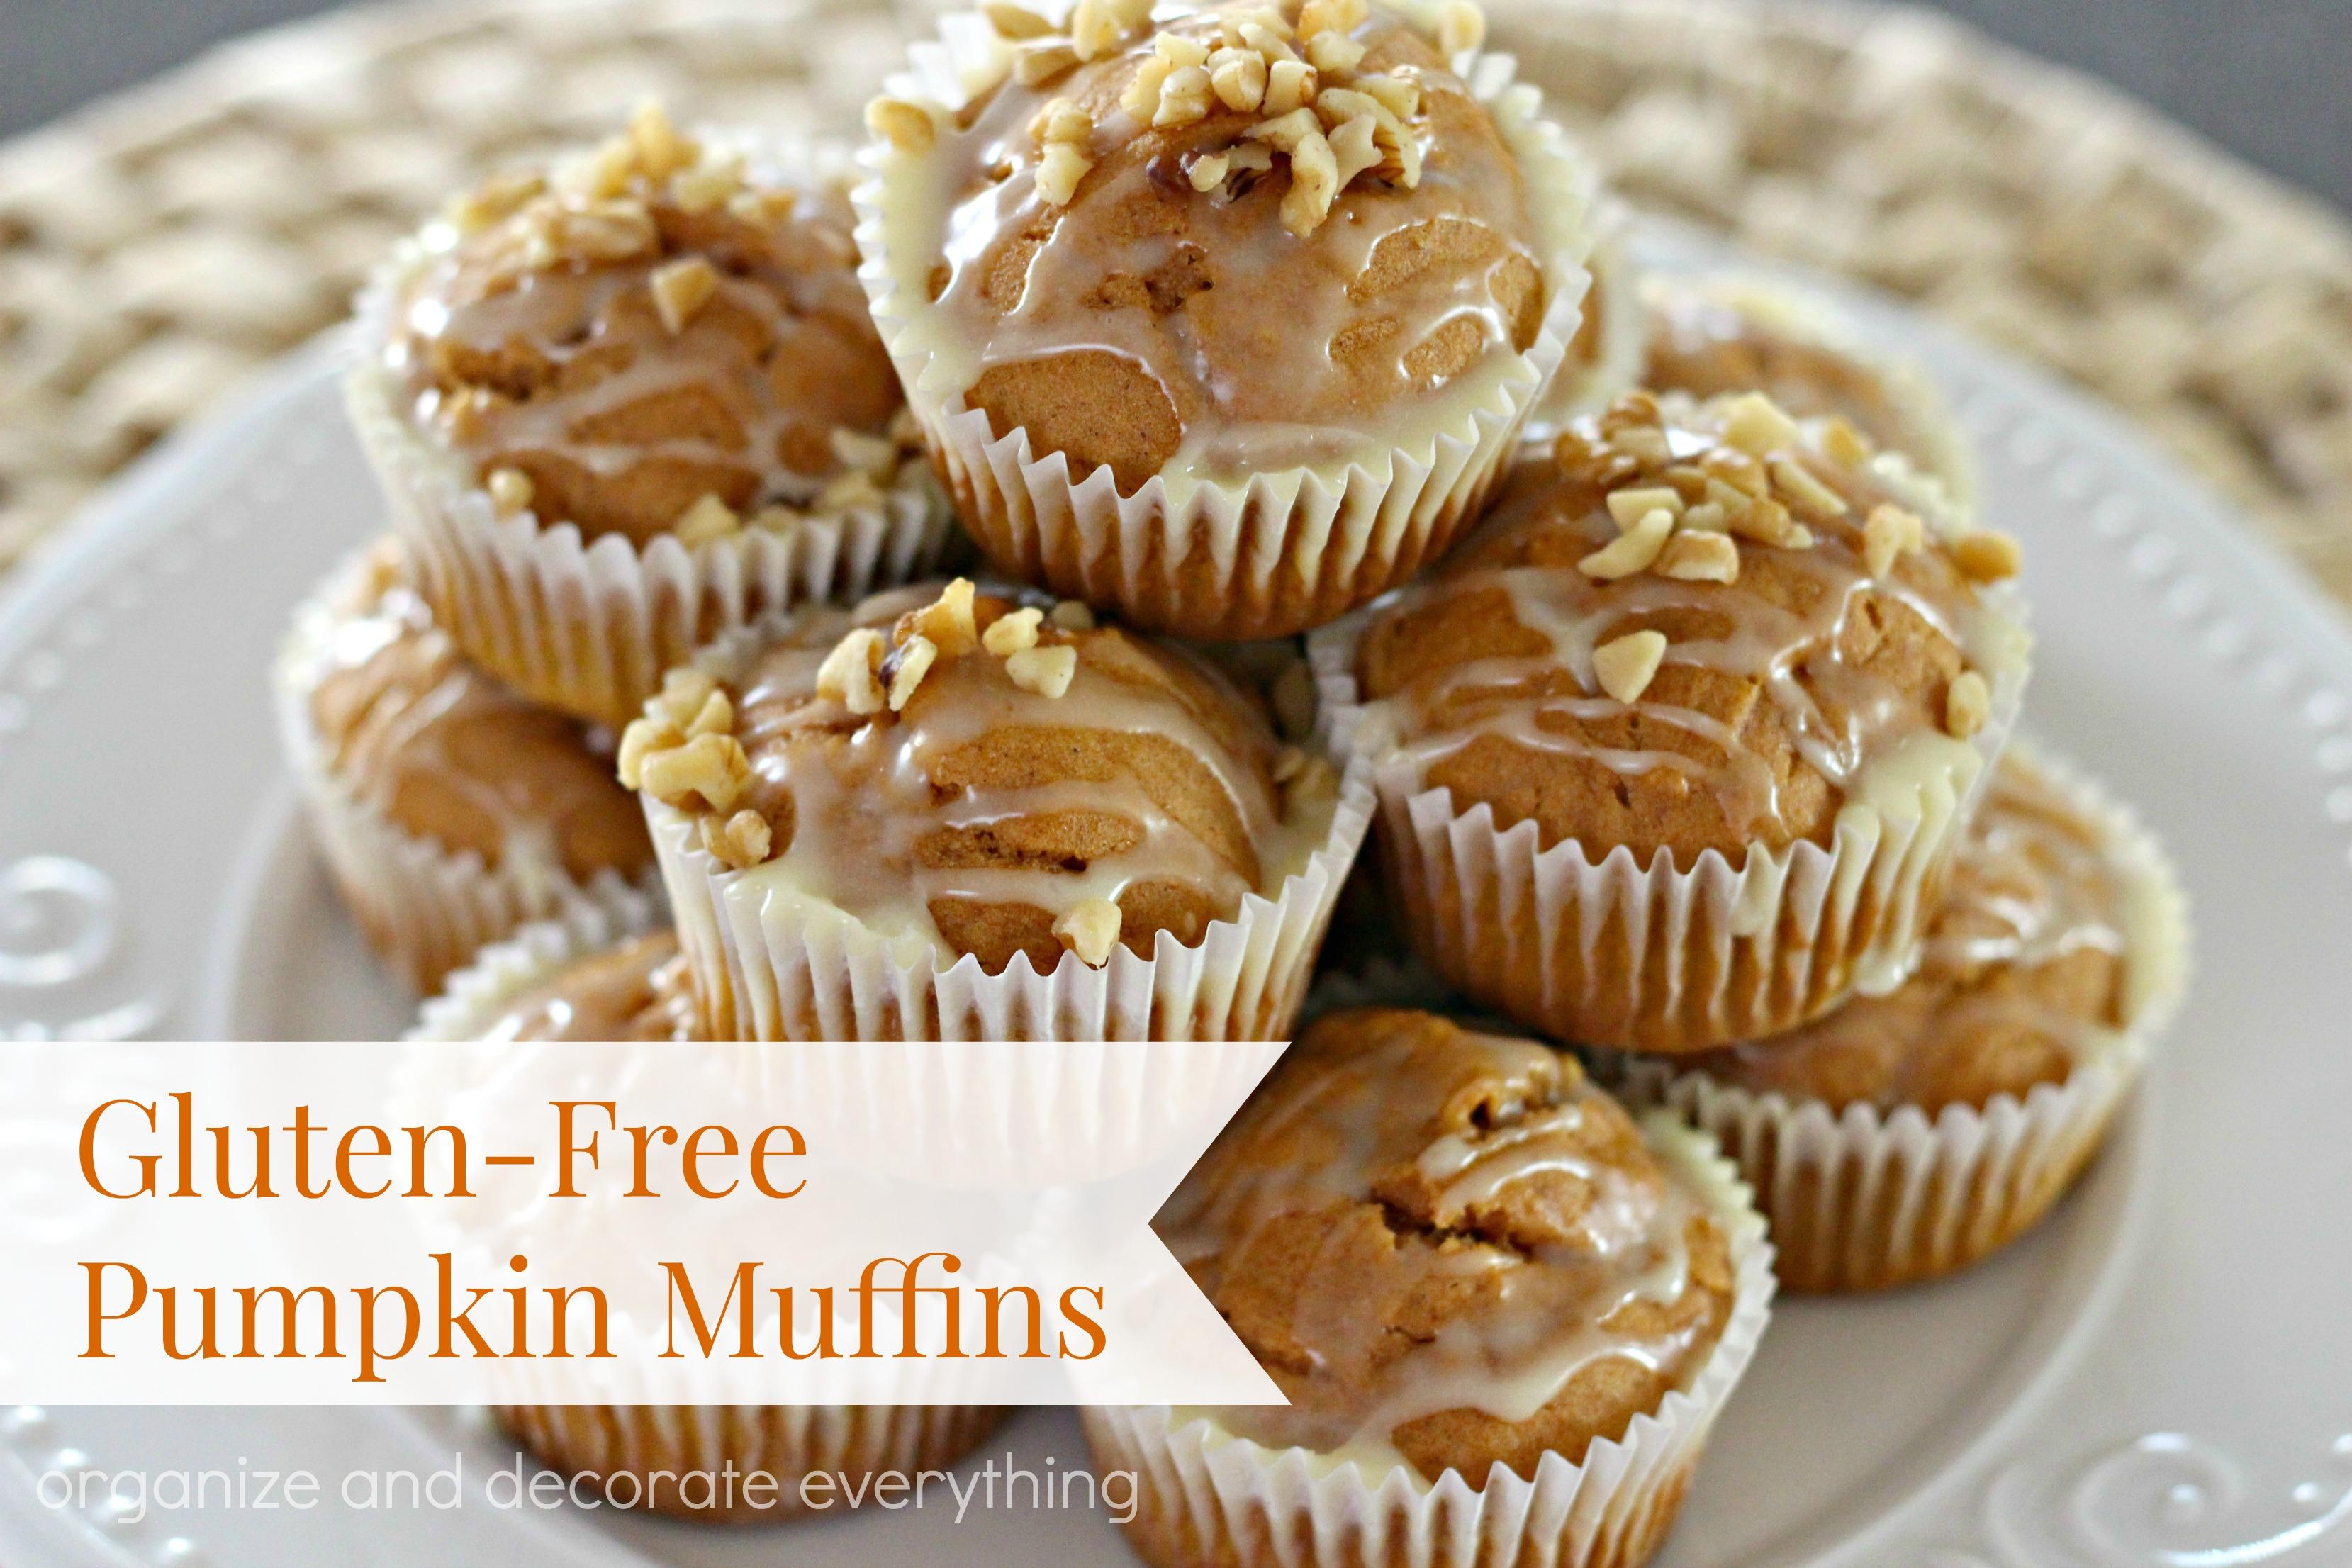 Gluten Free Pumpkin Muffins - Organize and Decorate Everything